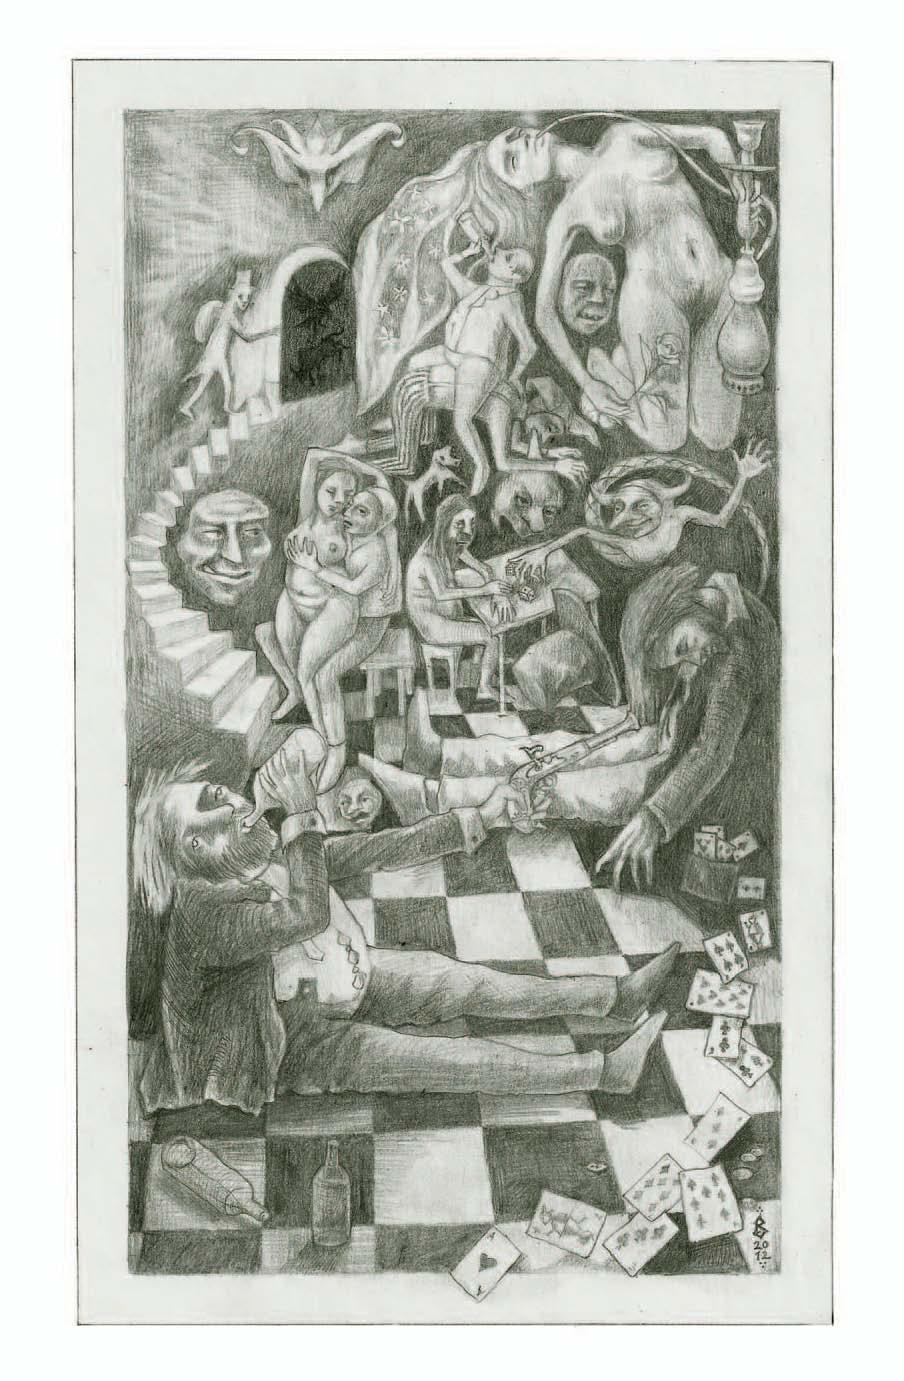 The Scrimstone Circus Gospel (1) - (c) Rima Staines